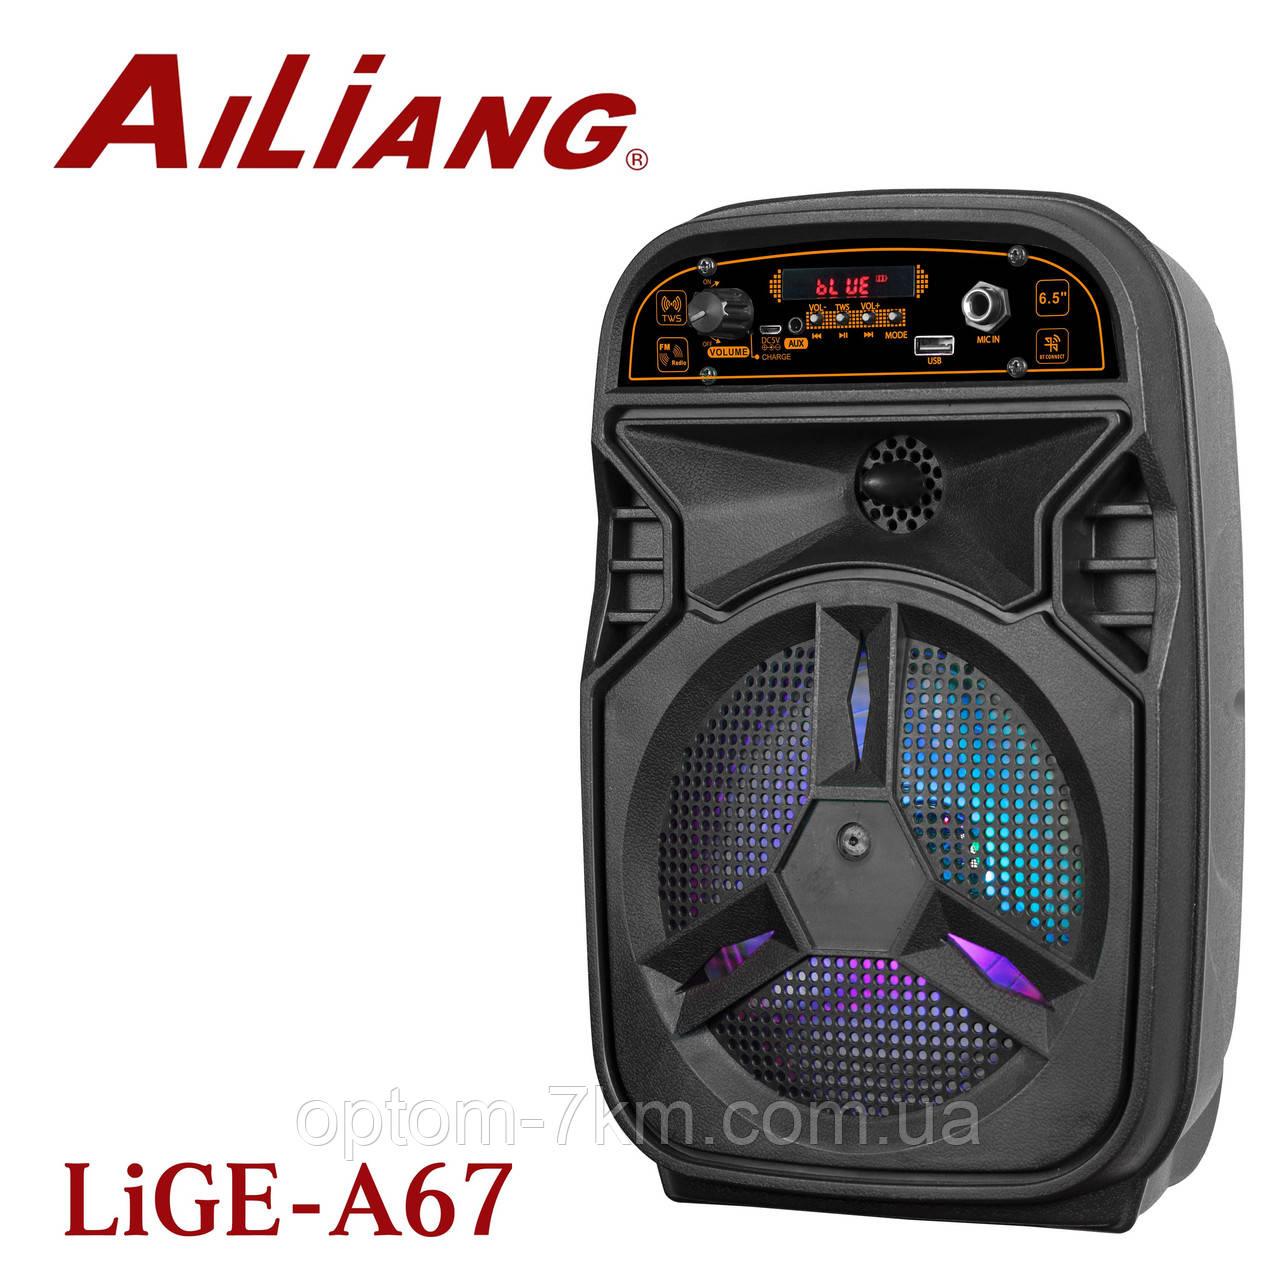 Портативная акустическая система колонка сабвуфер с подсветкой Ailiang LiGE-A67 D